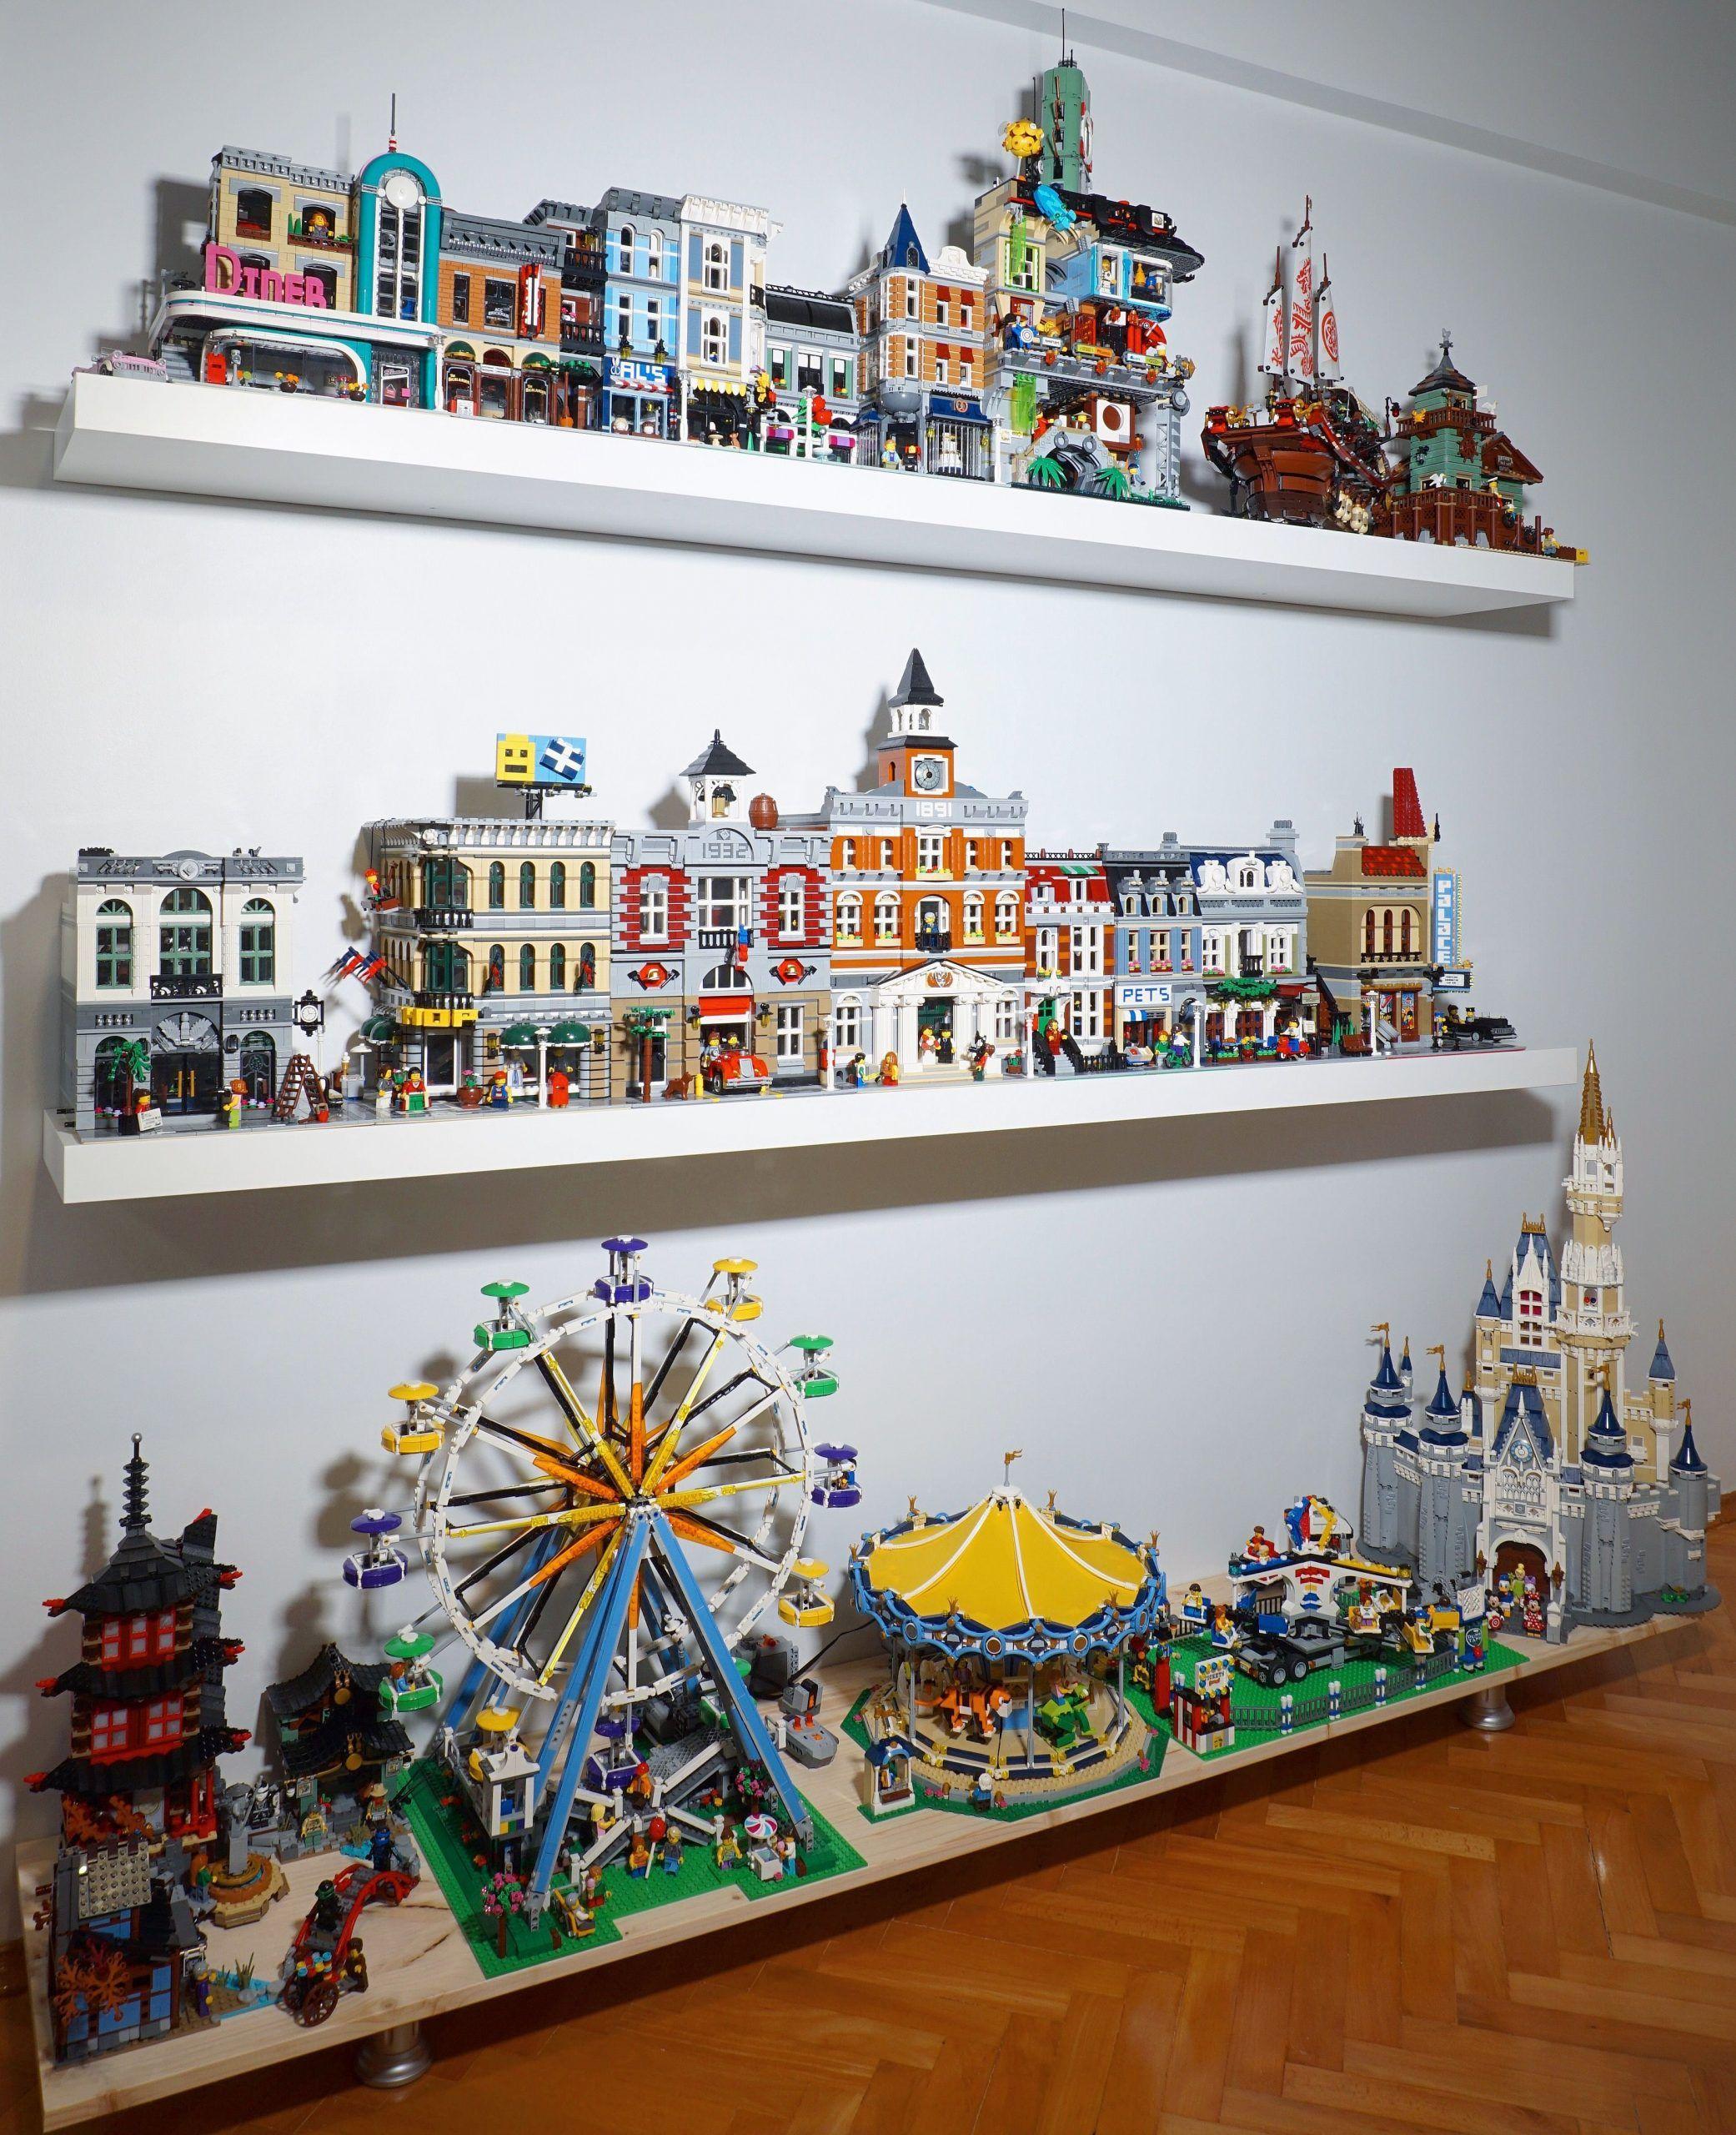 Schone Lego Kollektion Kollektion Lego Schone Lego Room Lego Room Decor Lego Display